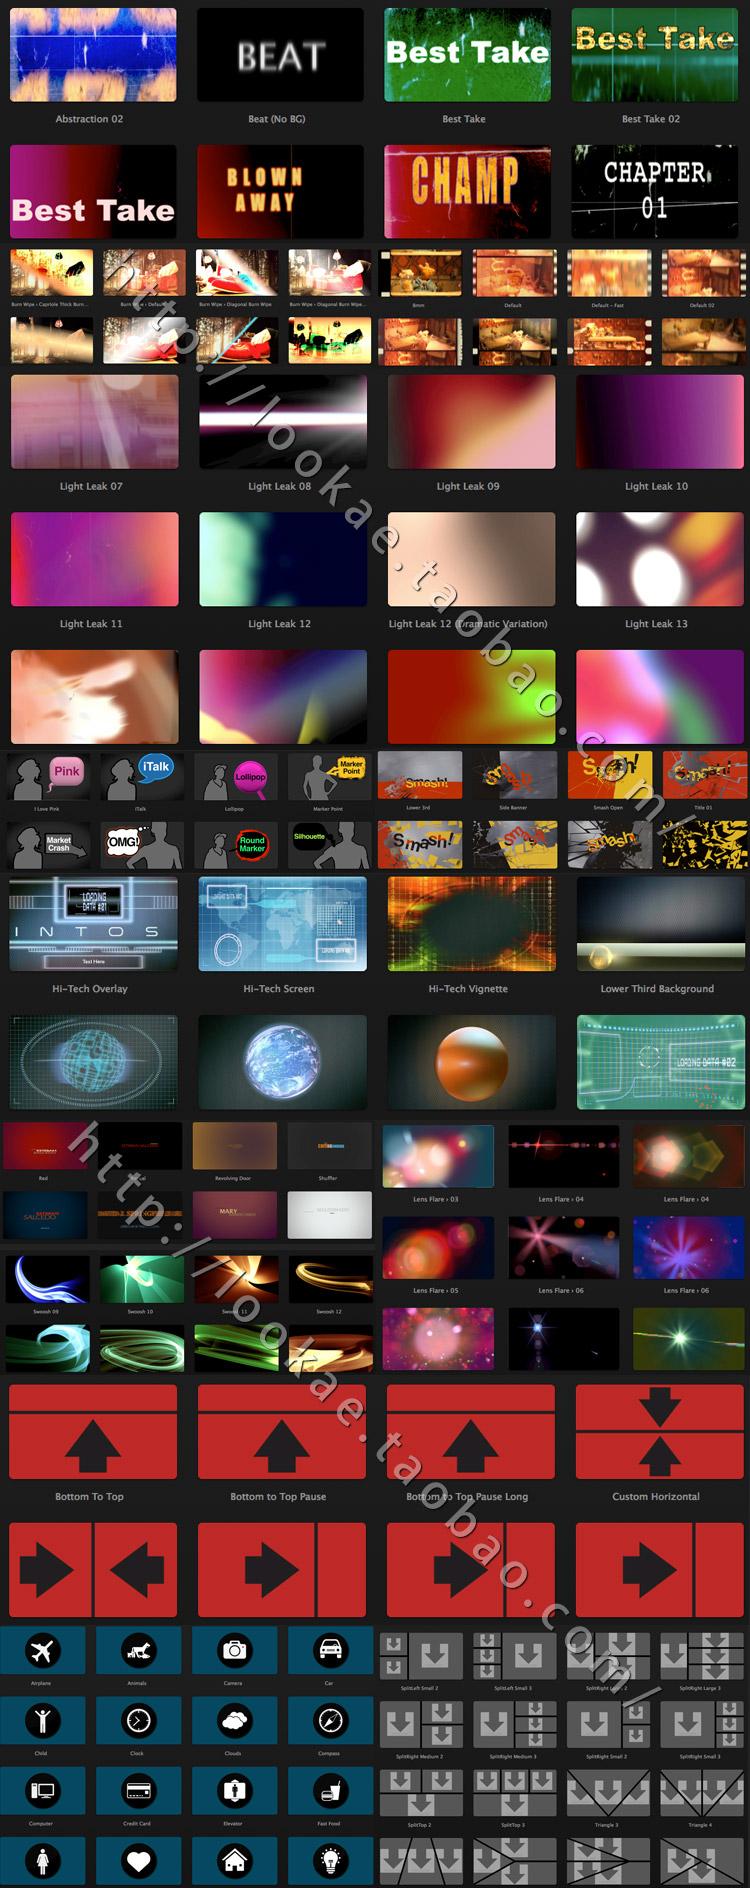 最新完整版:超强视觉特效插件包 FxFactory Pro 5.0.2(苹果系统使用)插图4